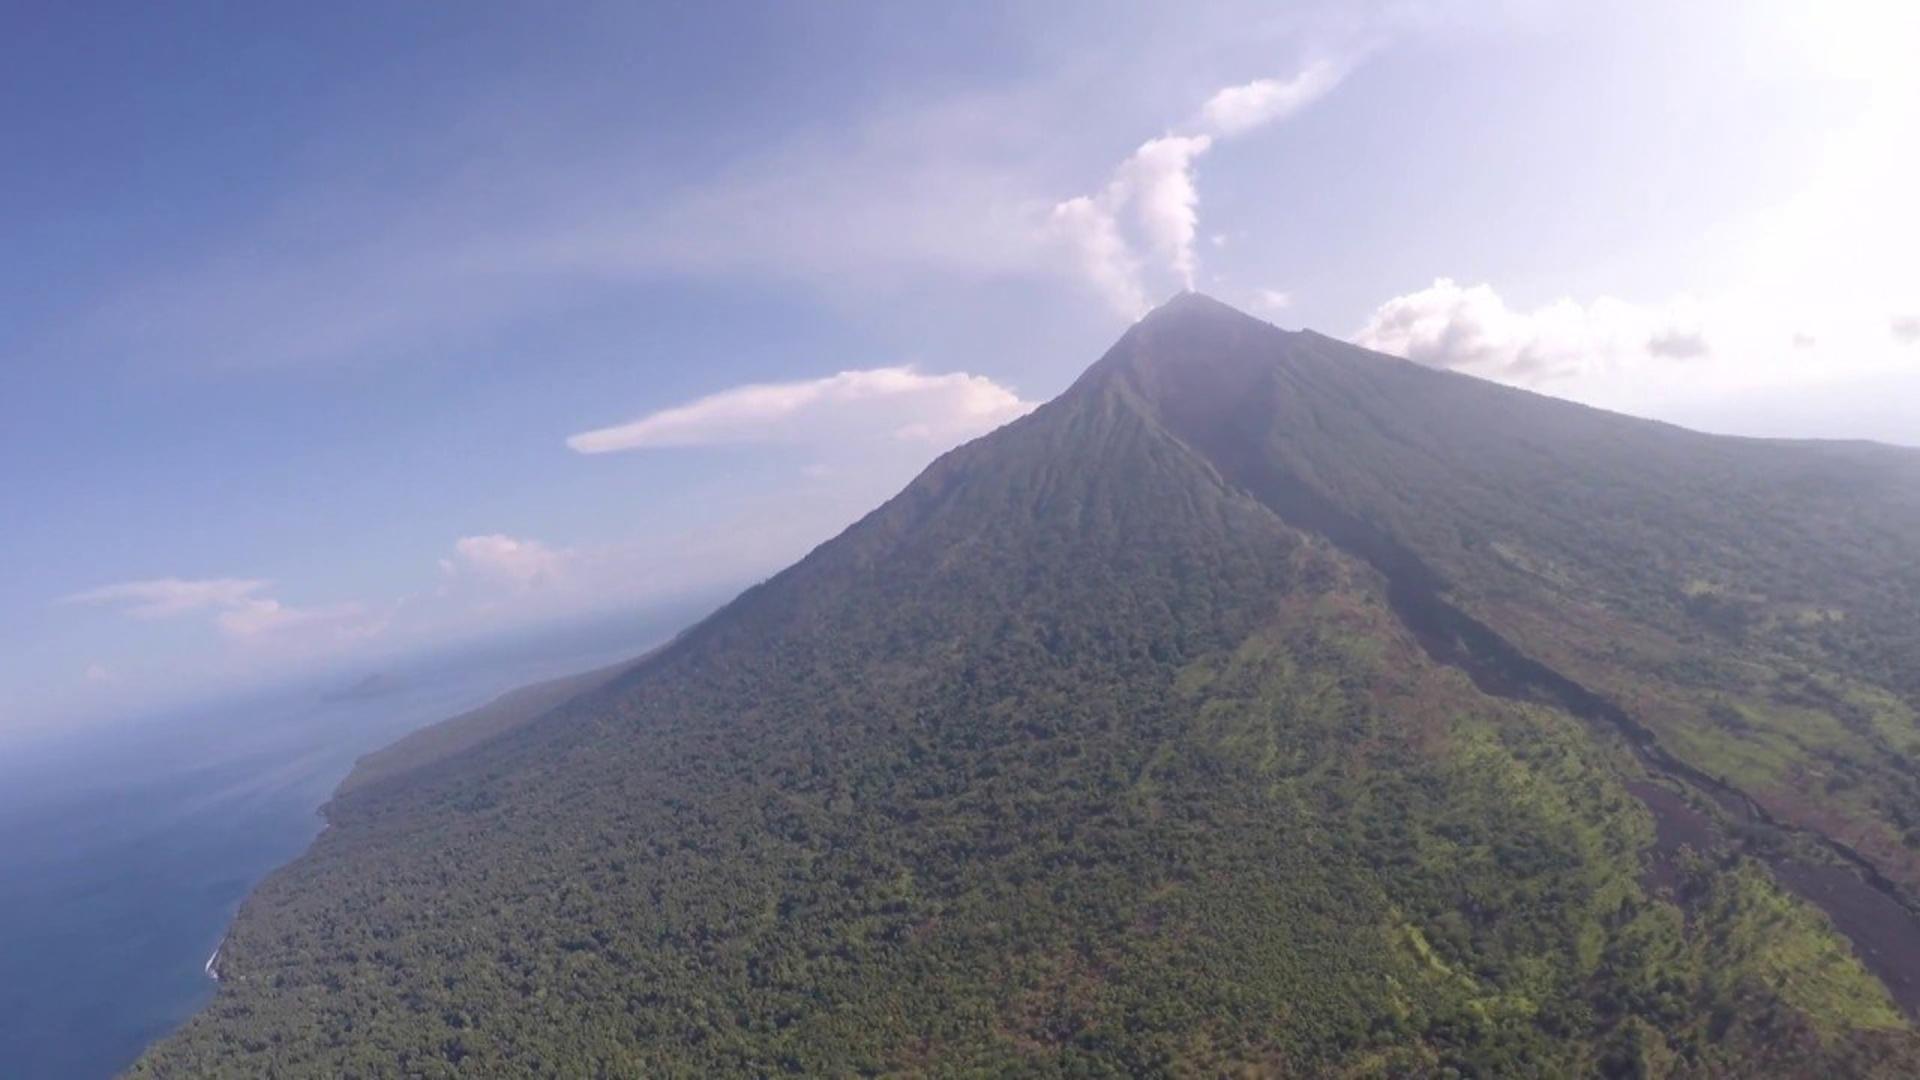 Vulkanların fəaliyyətinin tədqiqatında dronlardan istifadə ediləcək